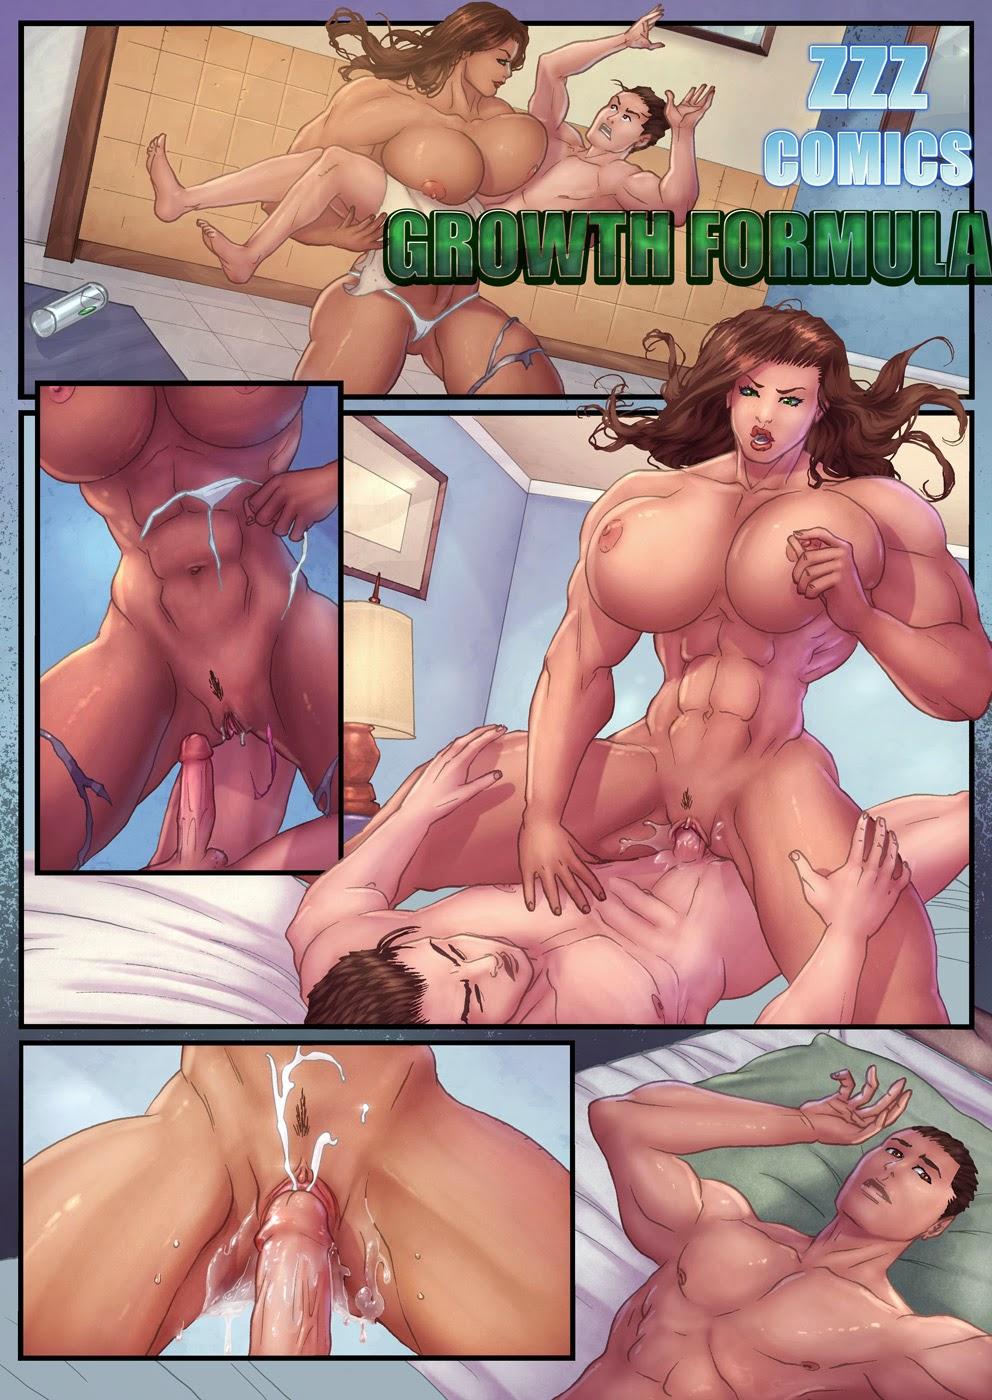 Dick growth hentai